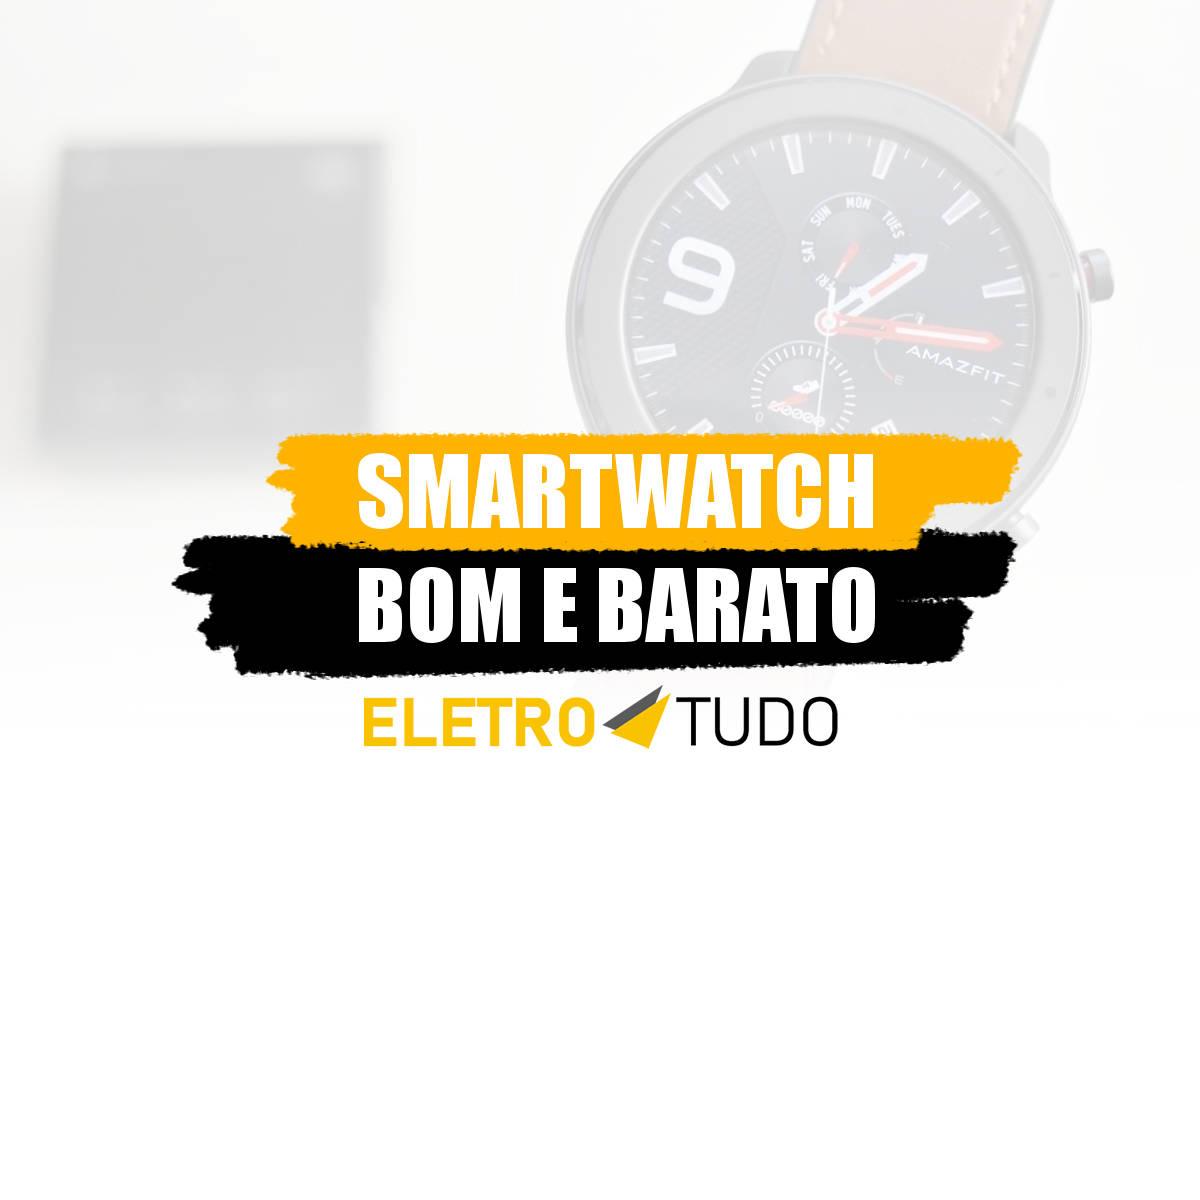 smartwatch bom e barato